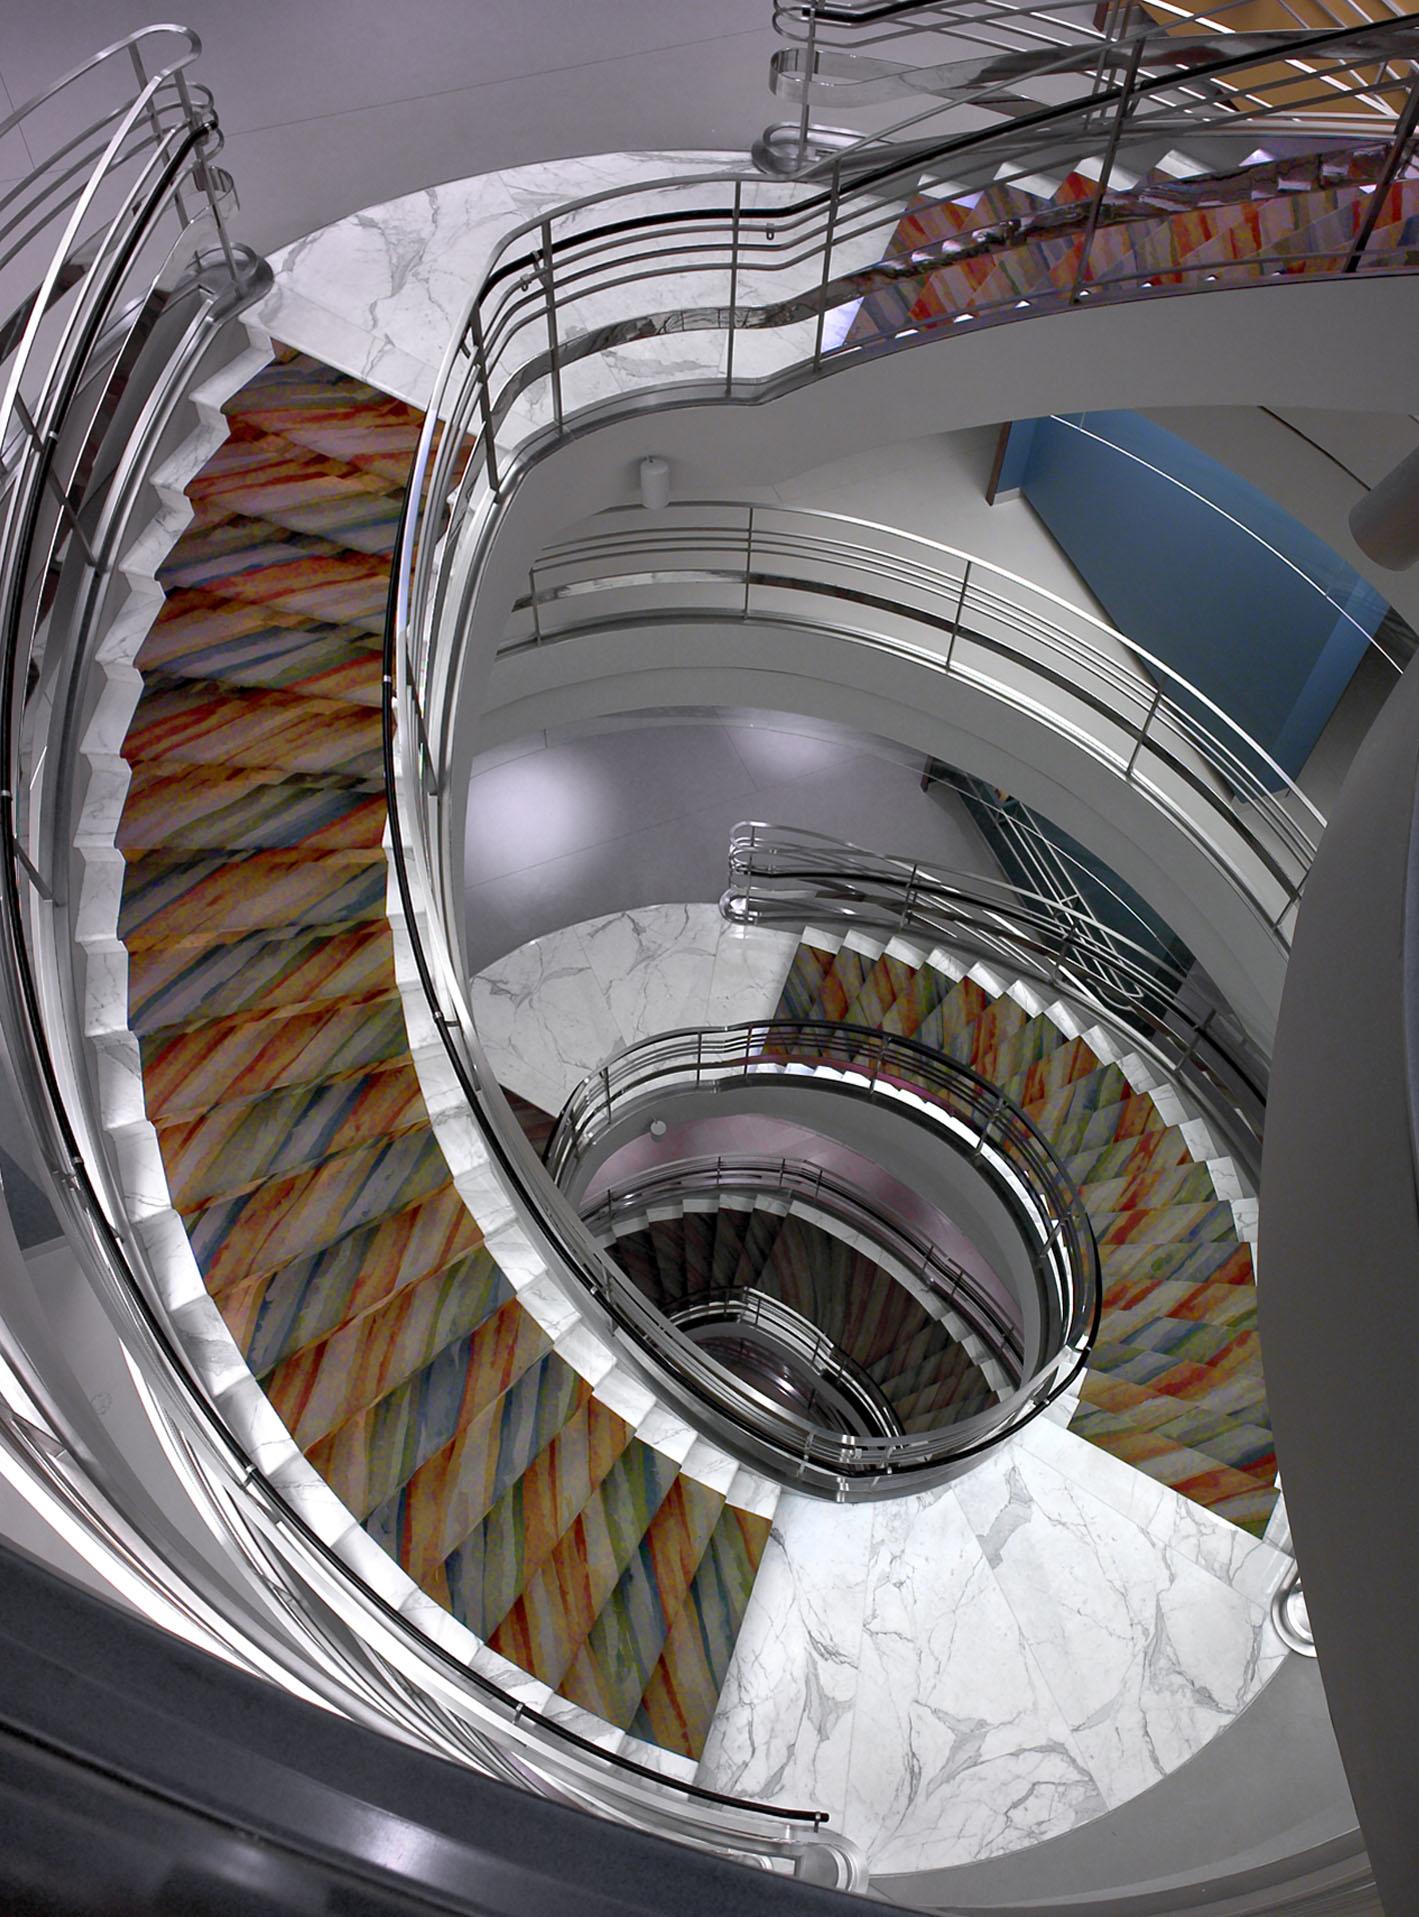 The Rubin Museum of Art - New York City